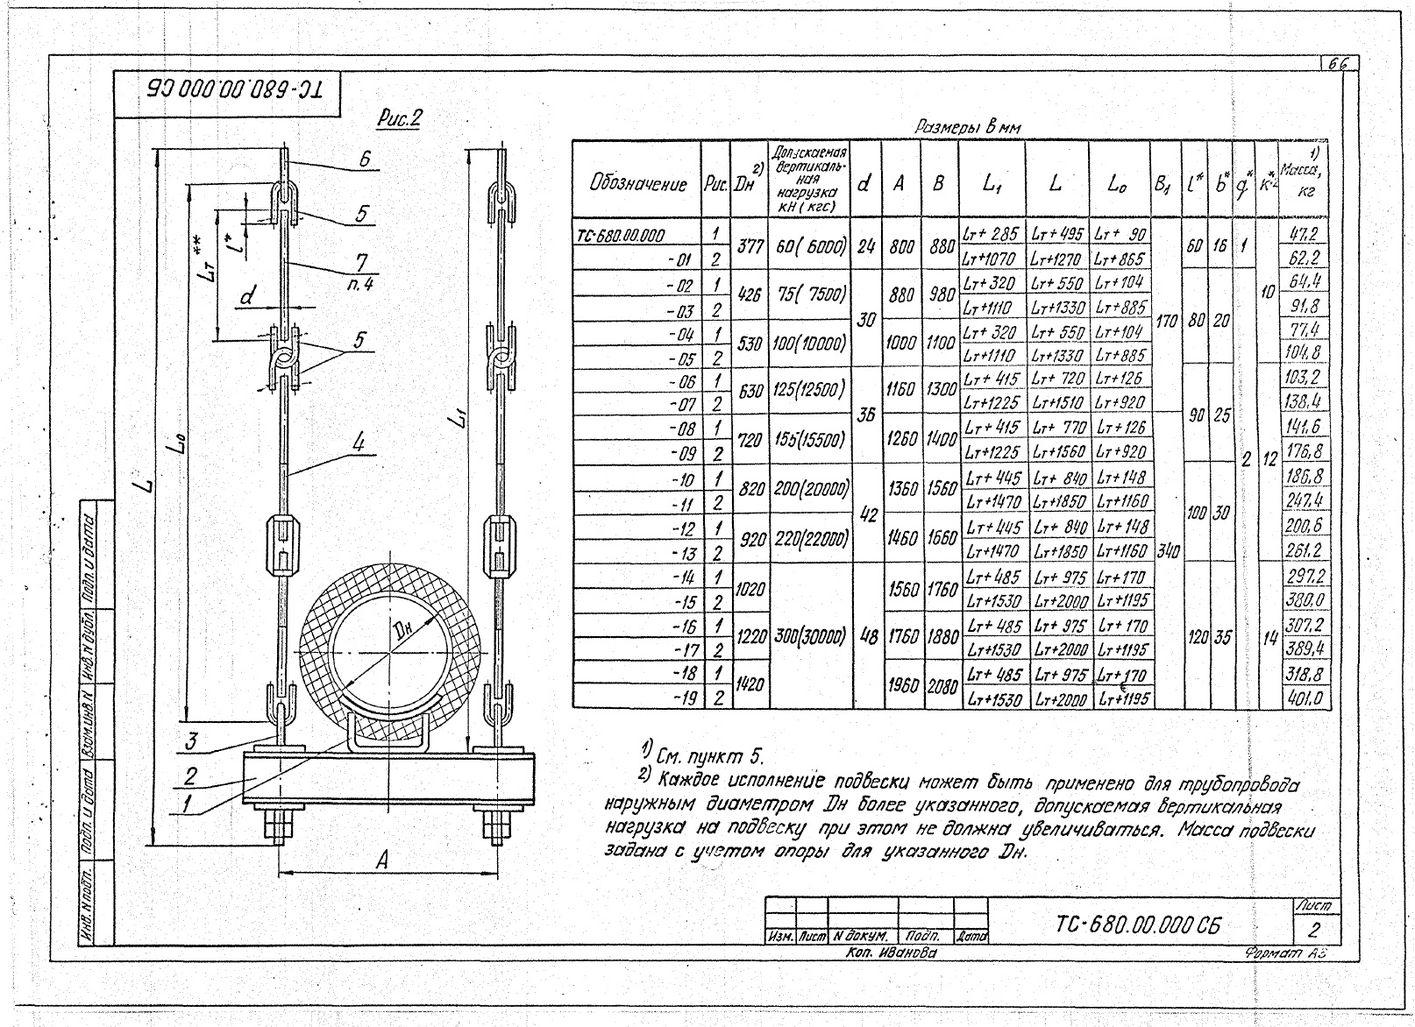 Podveski zhestkie Dn377-1420 TS-680 s.5.903-13 vyp.6-95 str.2